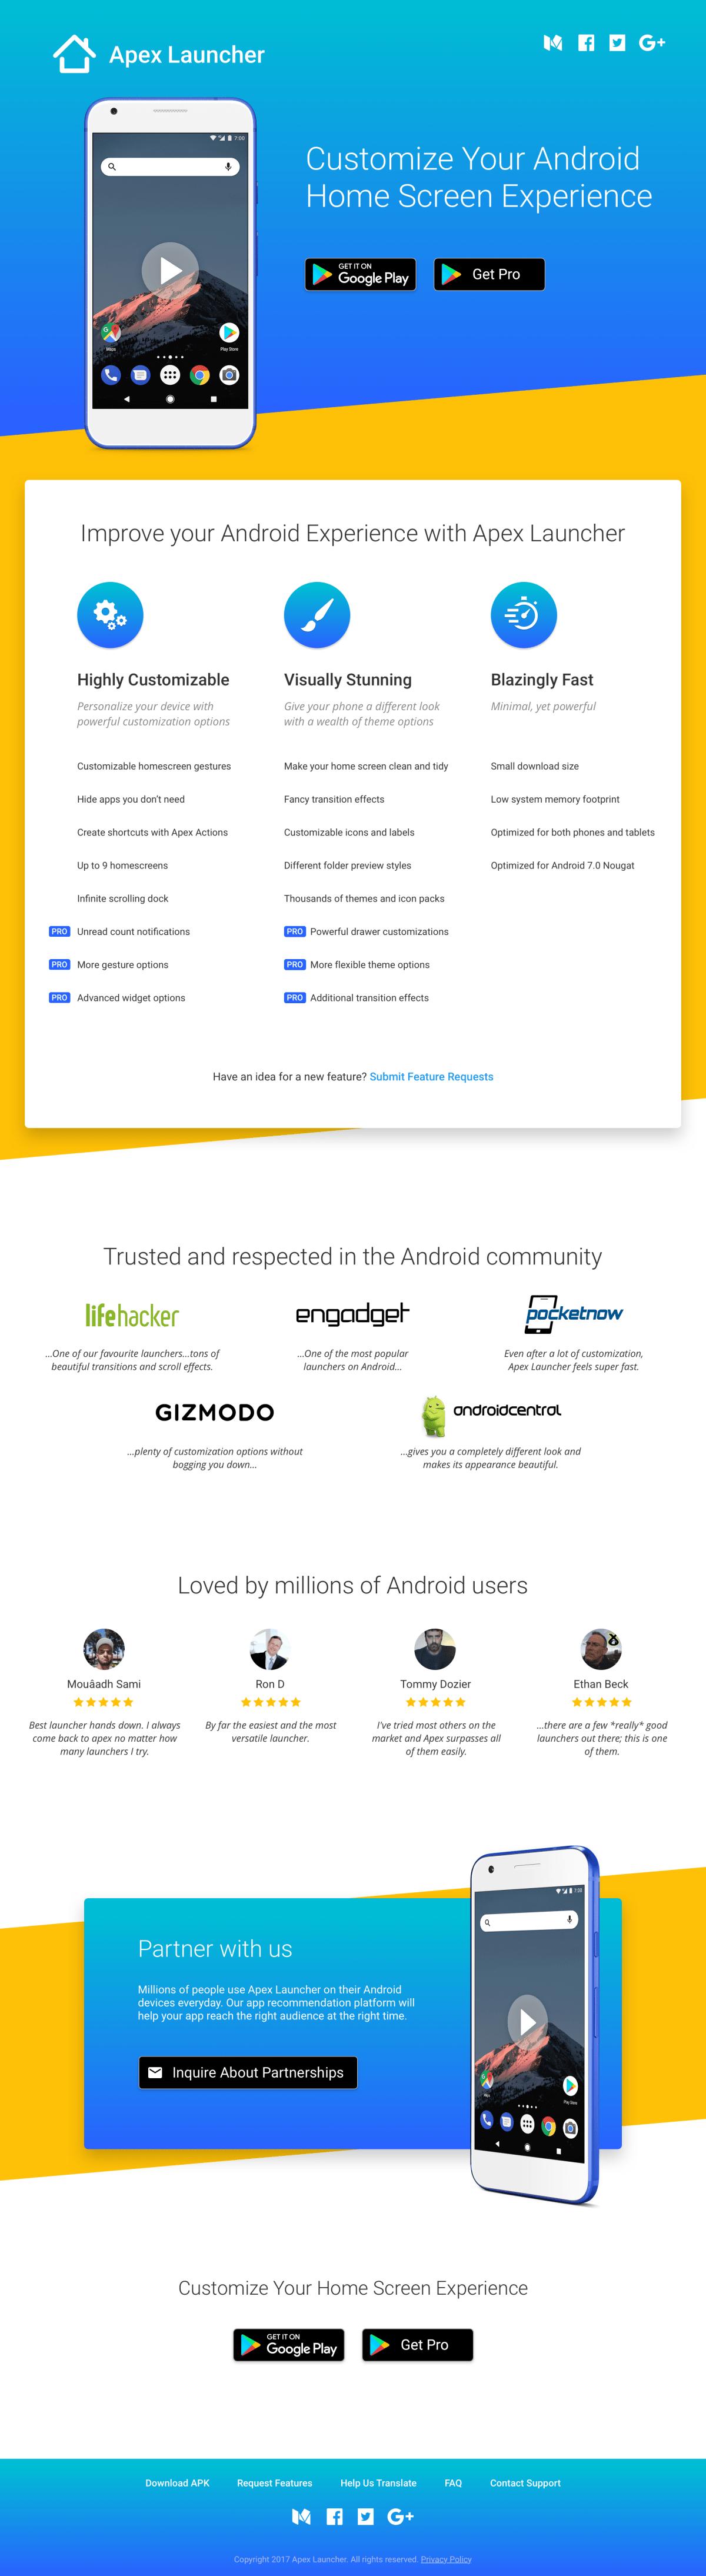 Apex Launcher website